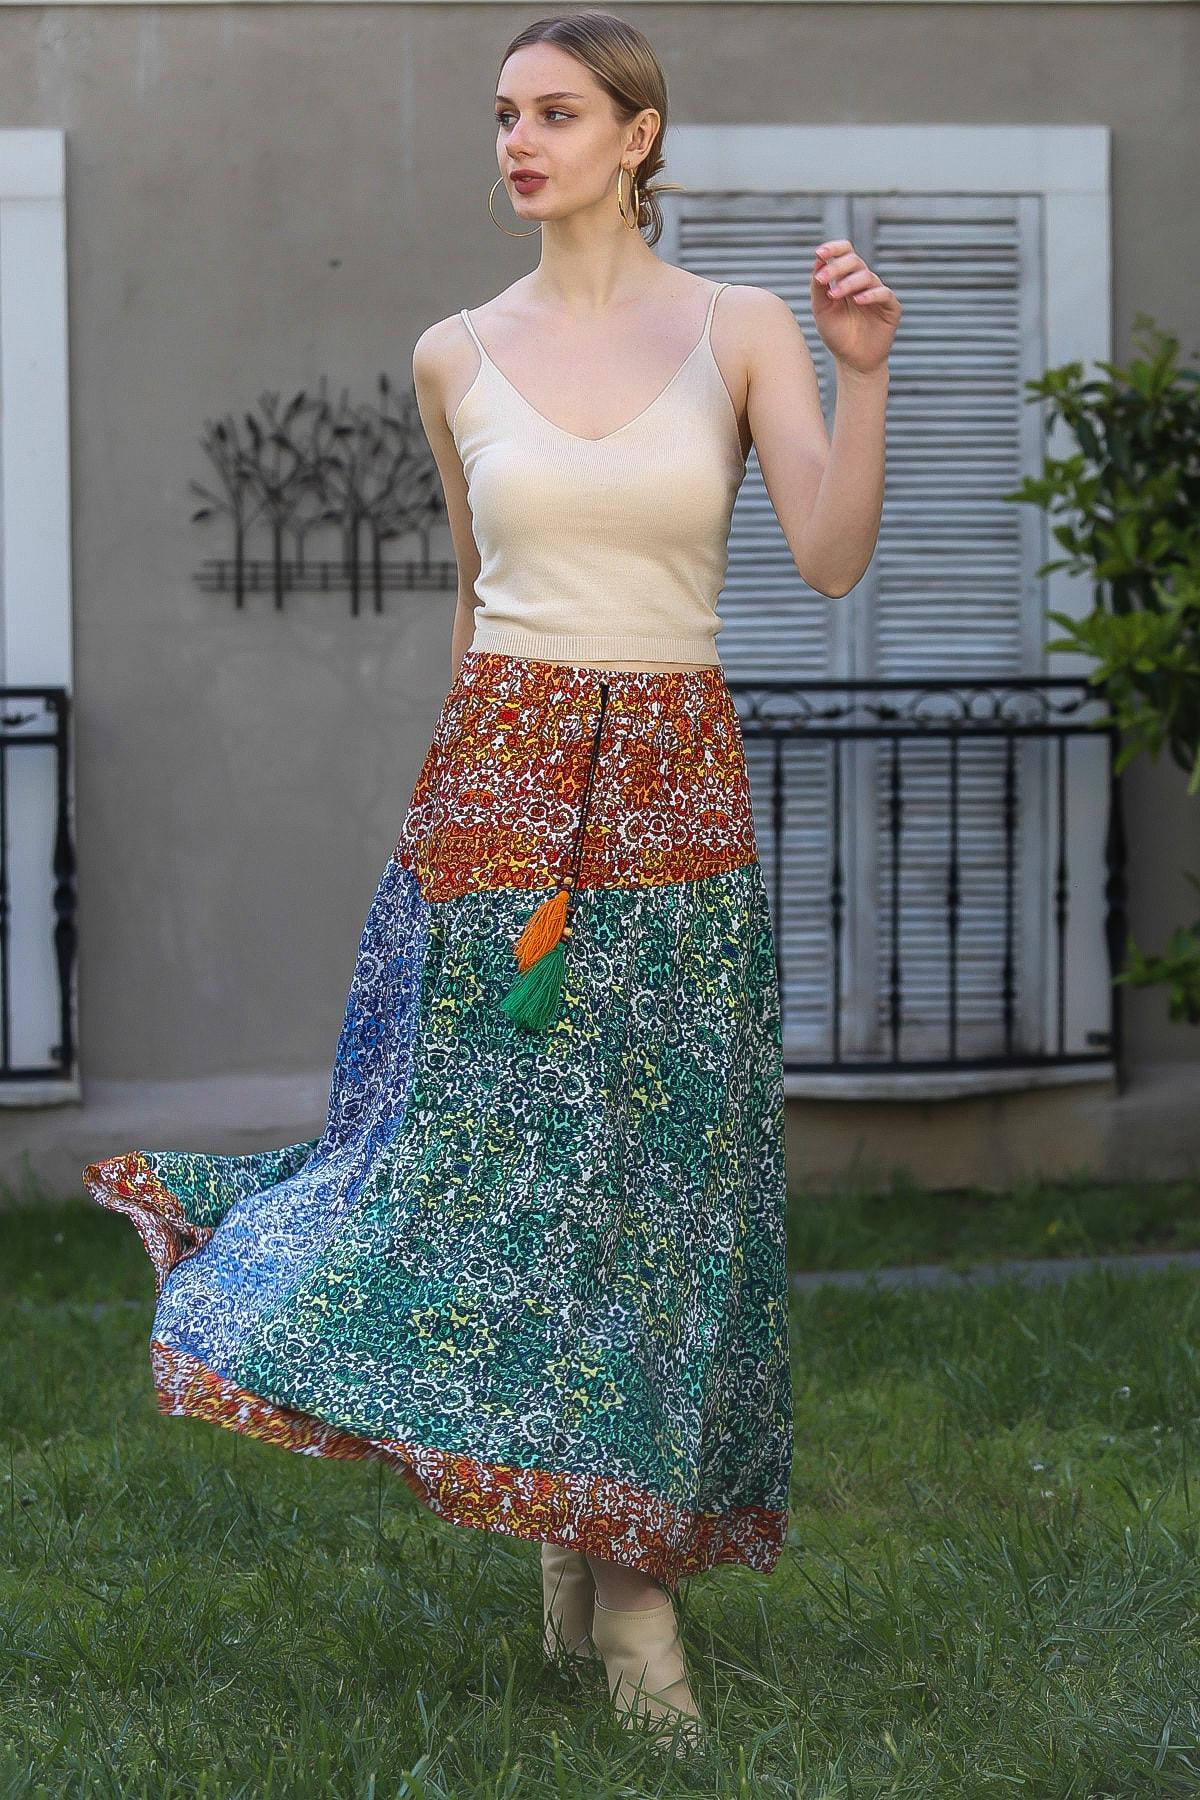 Chiccy Kadın Kiremit-Yeşil Çıtır Çiçek Desenli Kiremit Mavi Yeşil Bloklu Kloş Uzun Etek M10110000ET99252 2